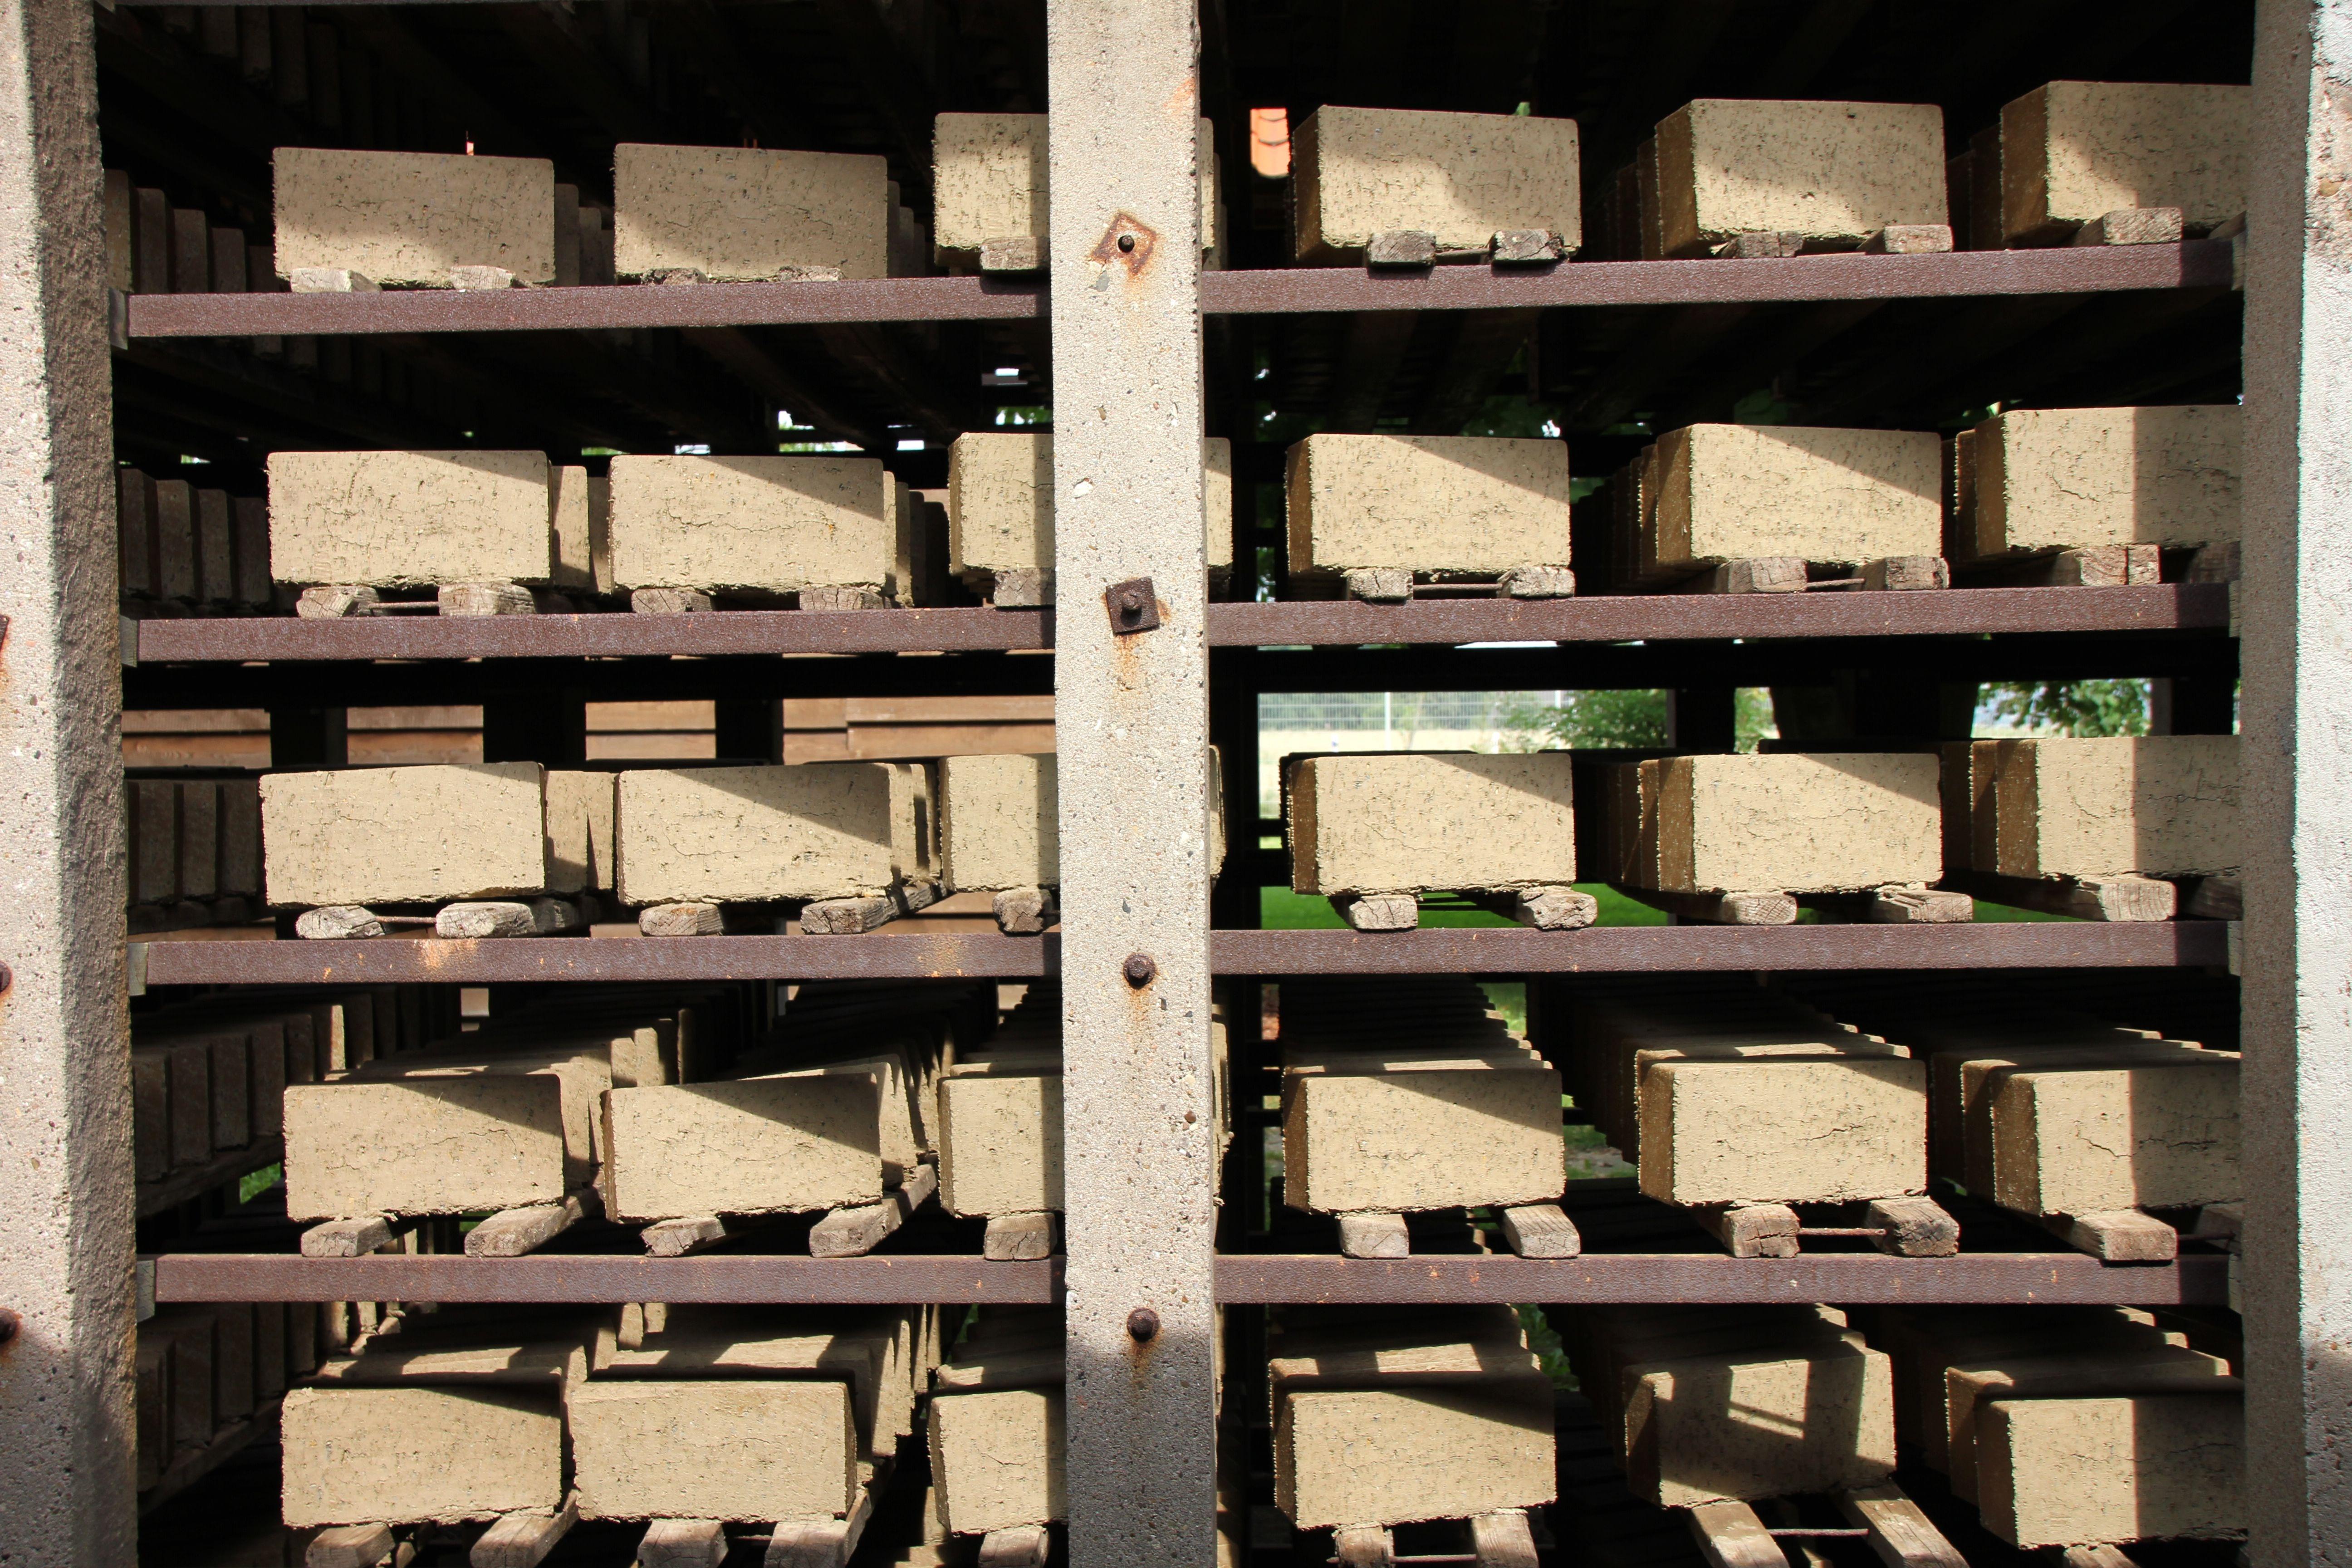 Etagere Sur Mur En Brique images gratuites : bois, la technologie, mur, usine, étagère